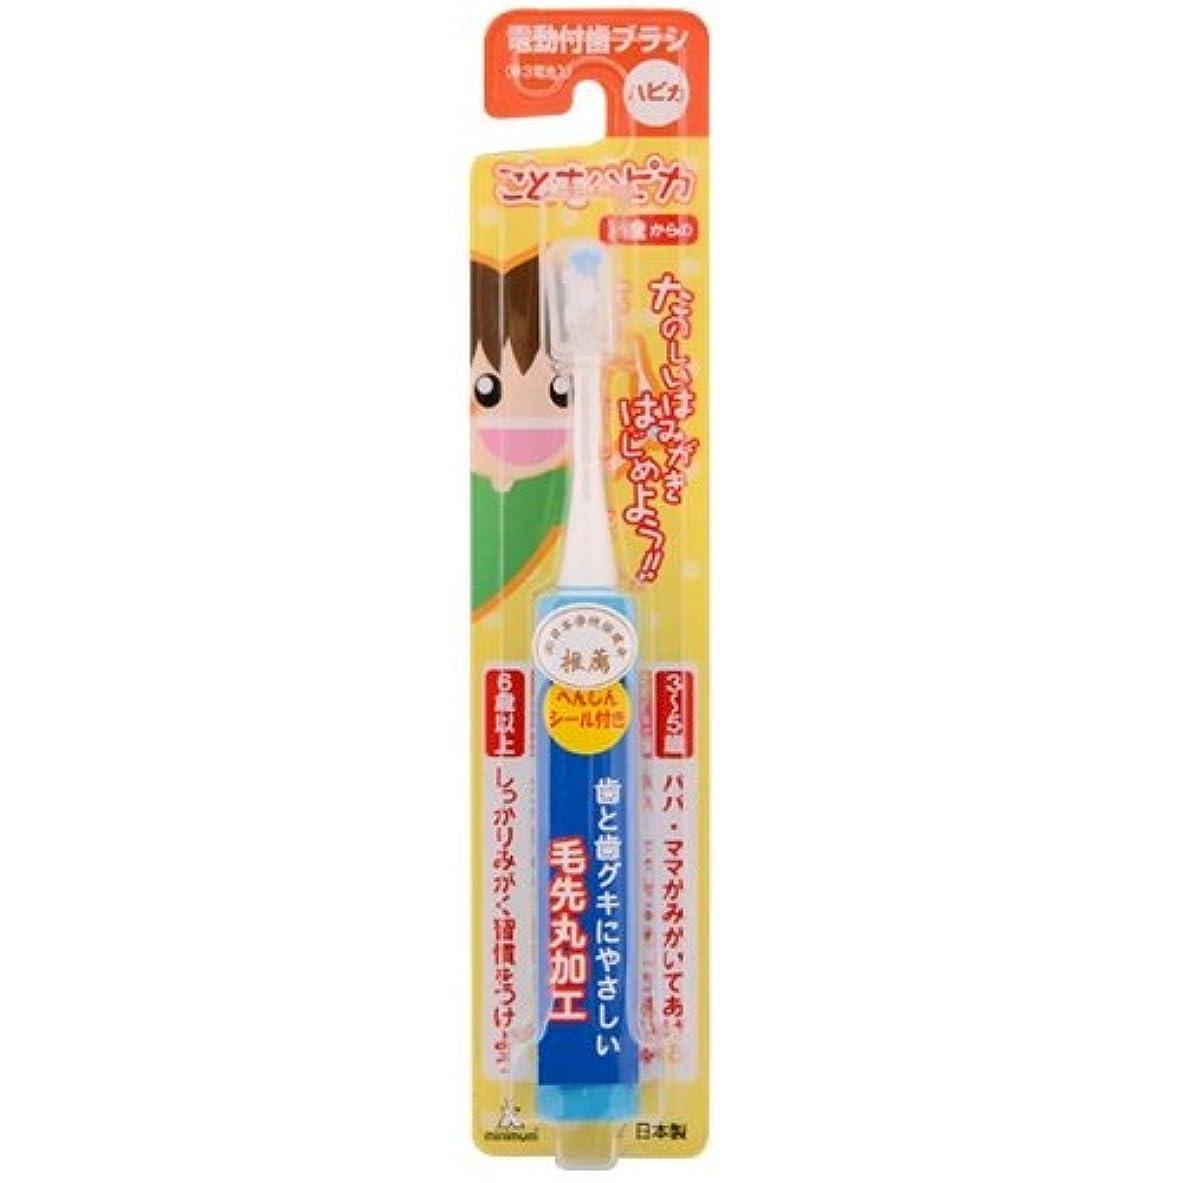 ステップうんざりプリーツミニマム 電動付歯ブラシ こどもハピカ ブルー 毛の硬さ:やわらかめ DBK-1B(BP)